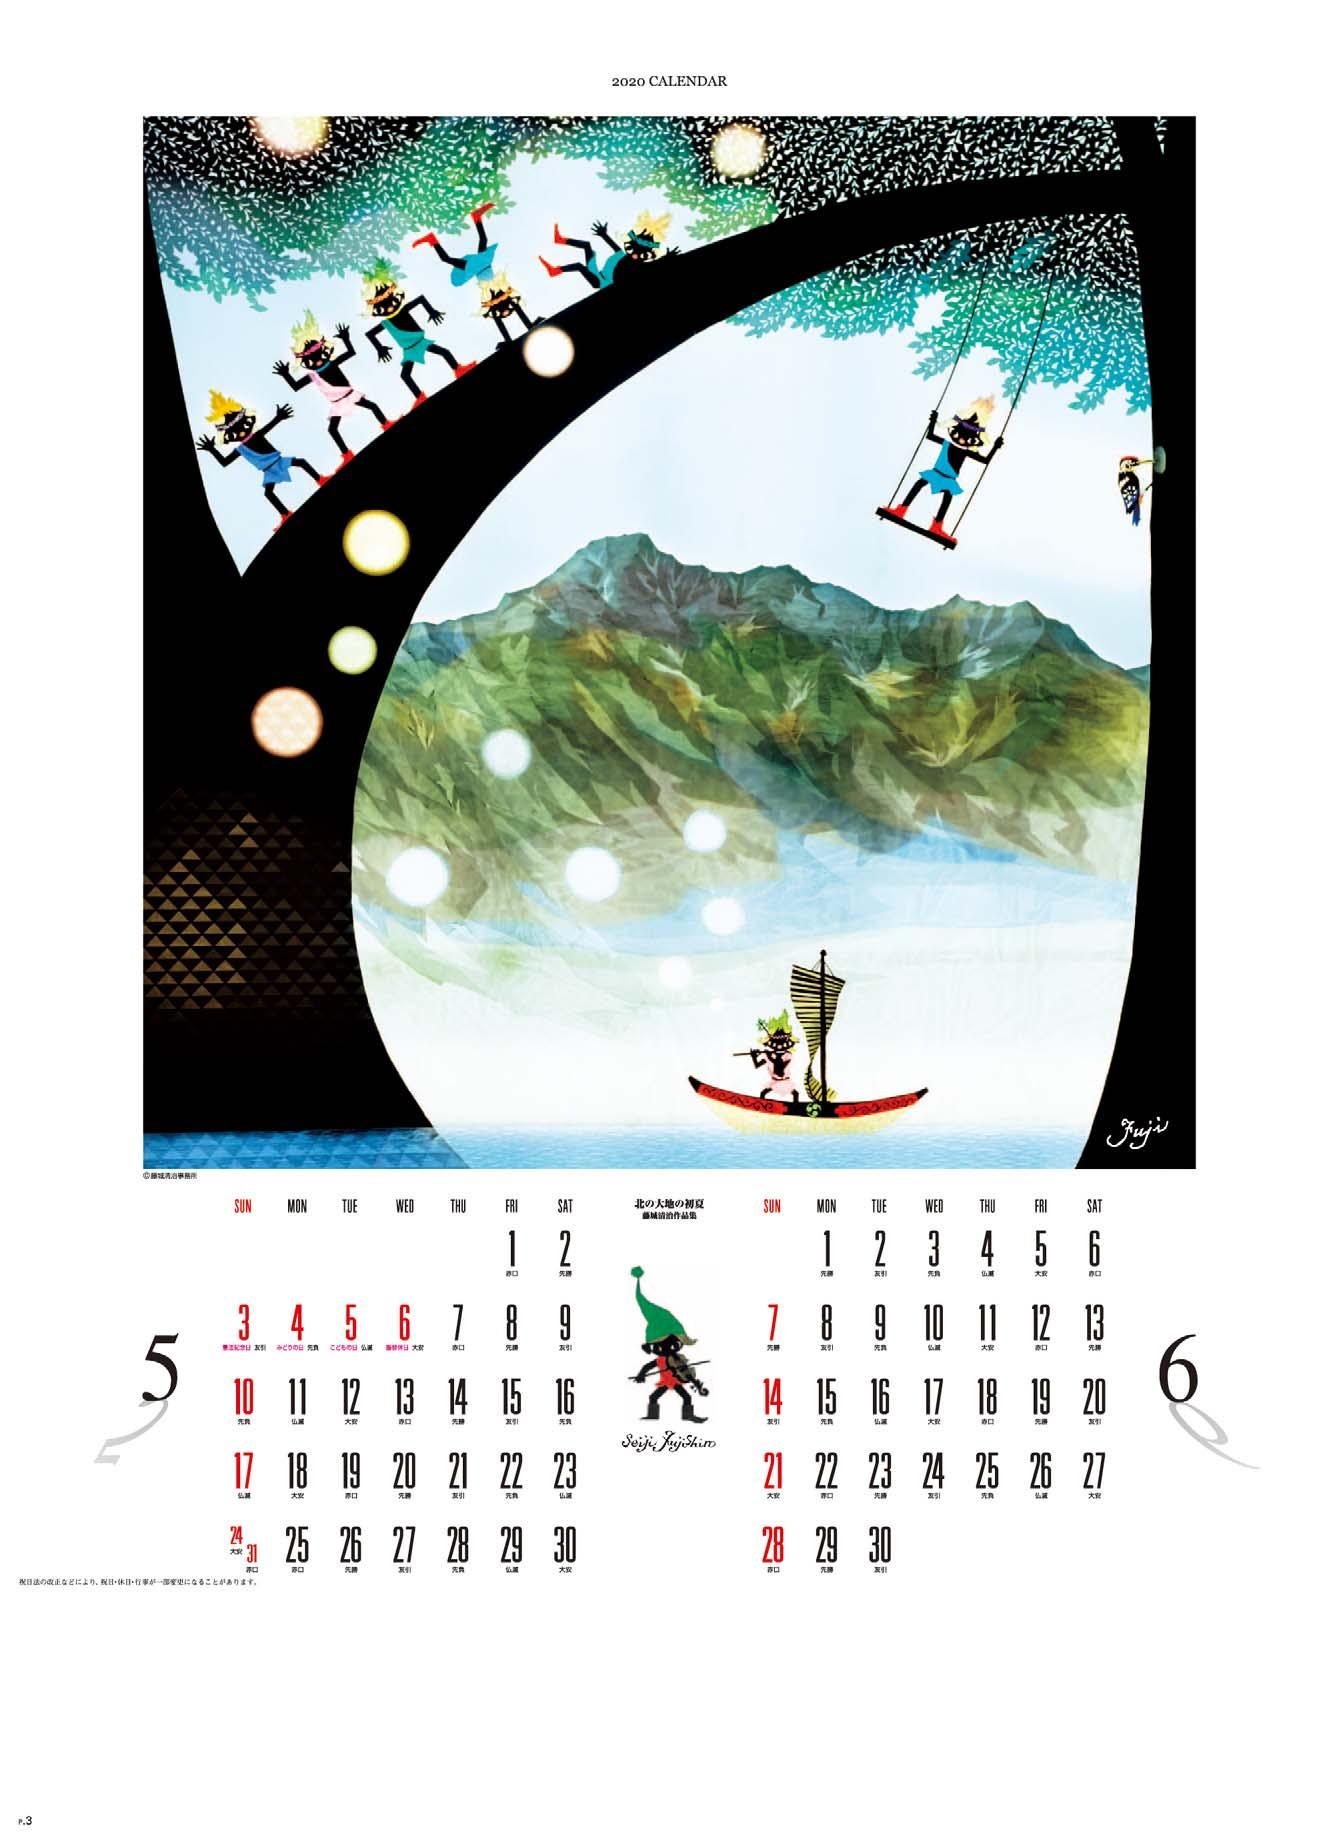 画像:北の大地の初夏 遠い日の風景から(影絵)  藤城清治 2020年カレンダー